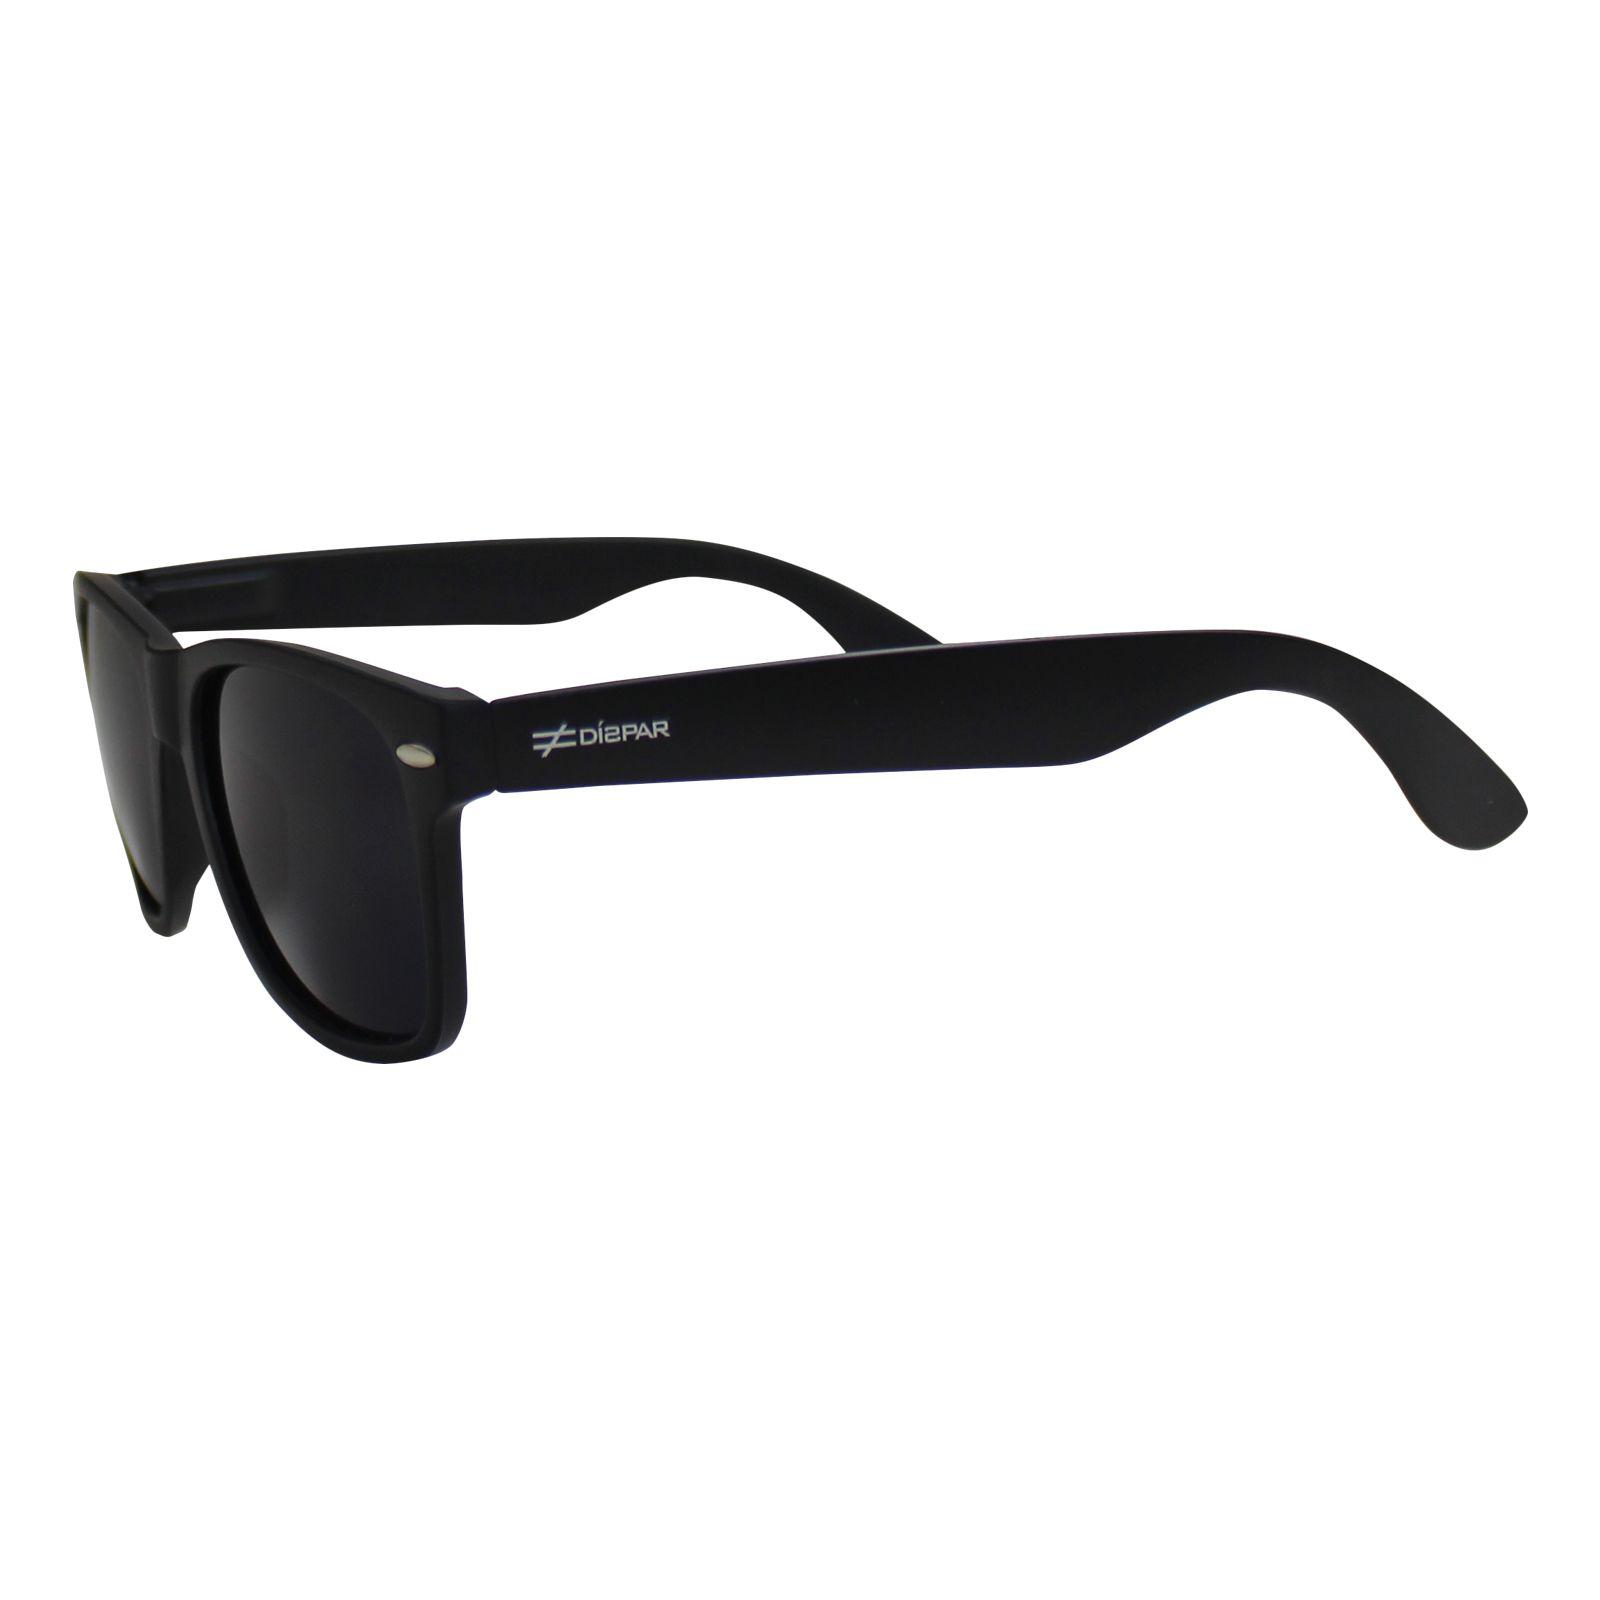 6dd55a9d7708b Óculos De Sol Díspar D1861 Preto Fosco